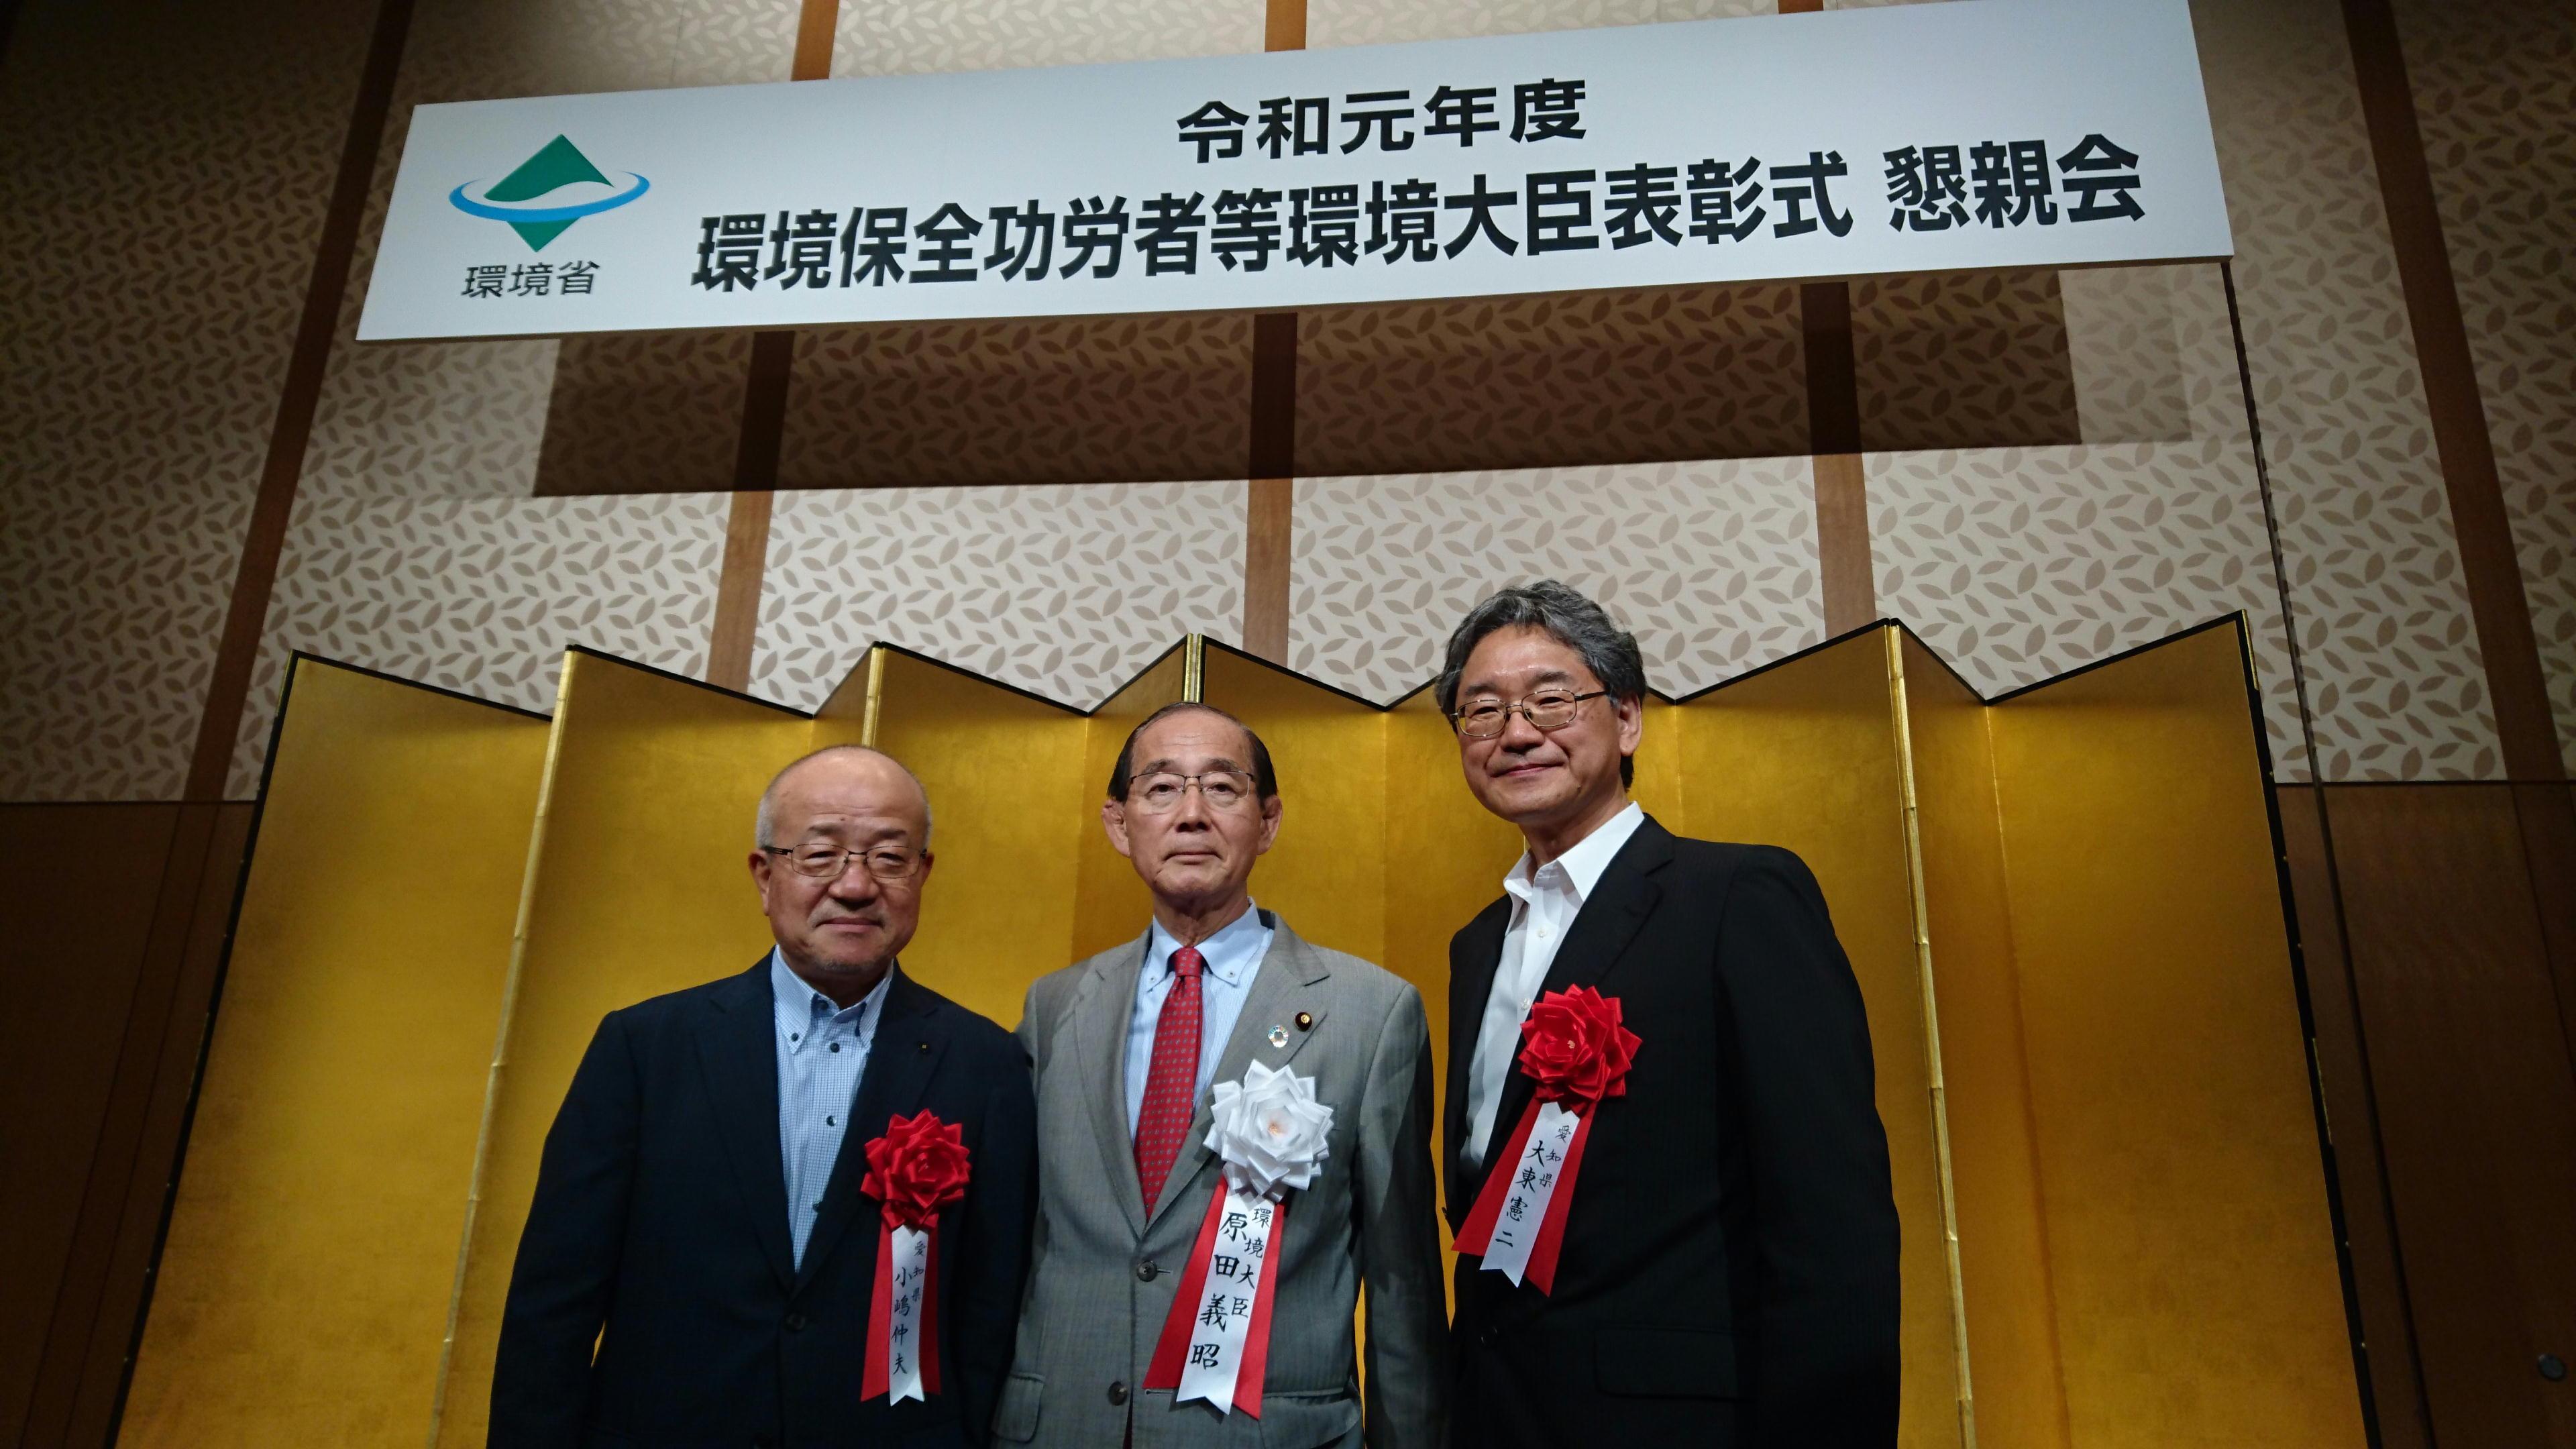 原田義昭環境大臣(中央)らと記念写真に納まる小嶋名誉教授(左)